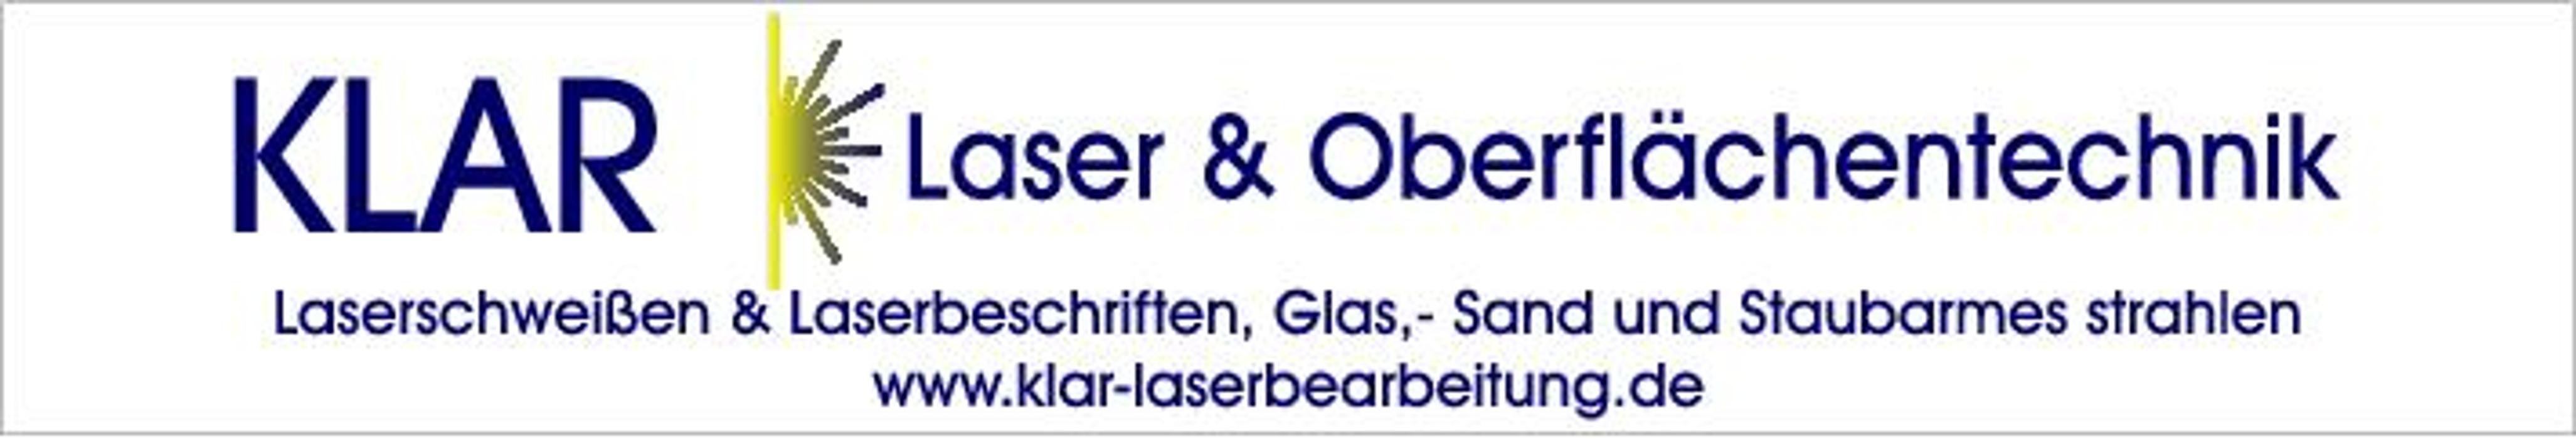 Bild zu Klar-Laser & Oberflächentechnik in Keltern